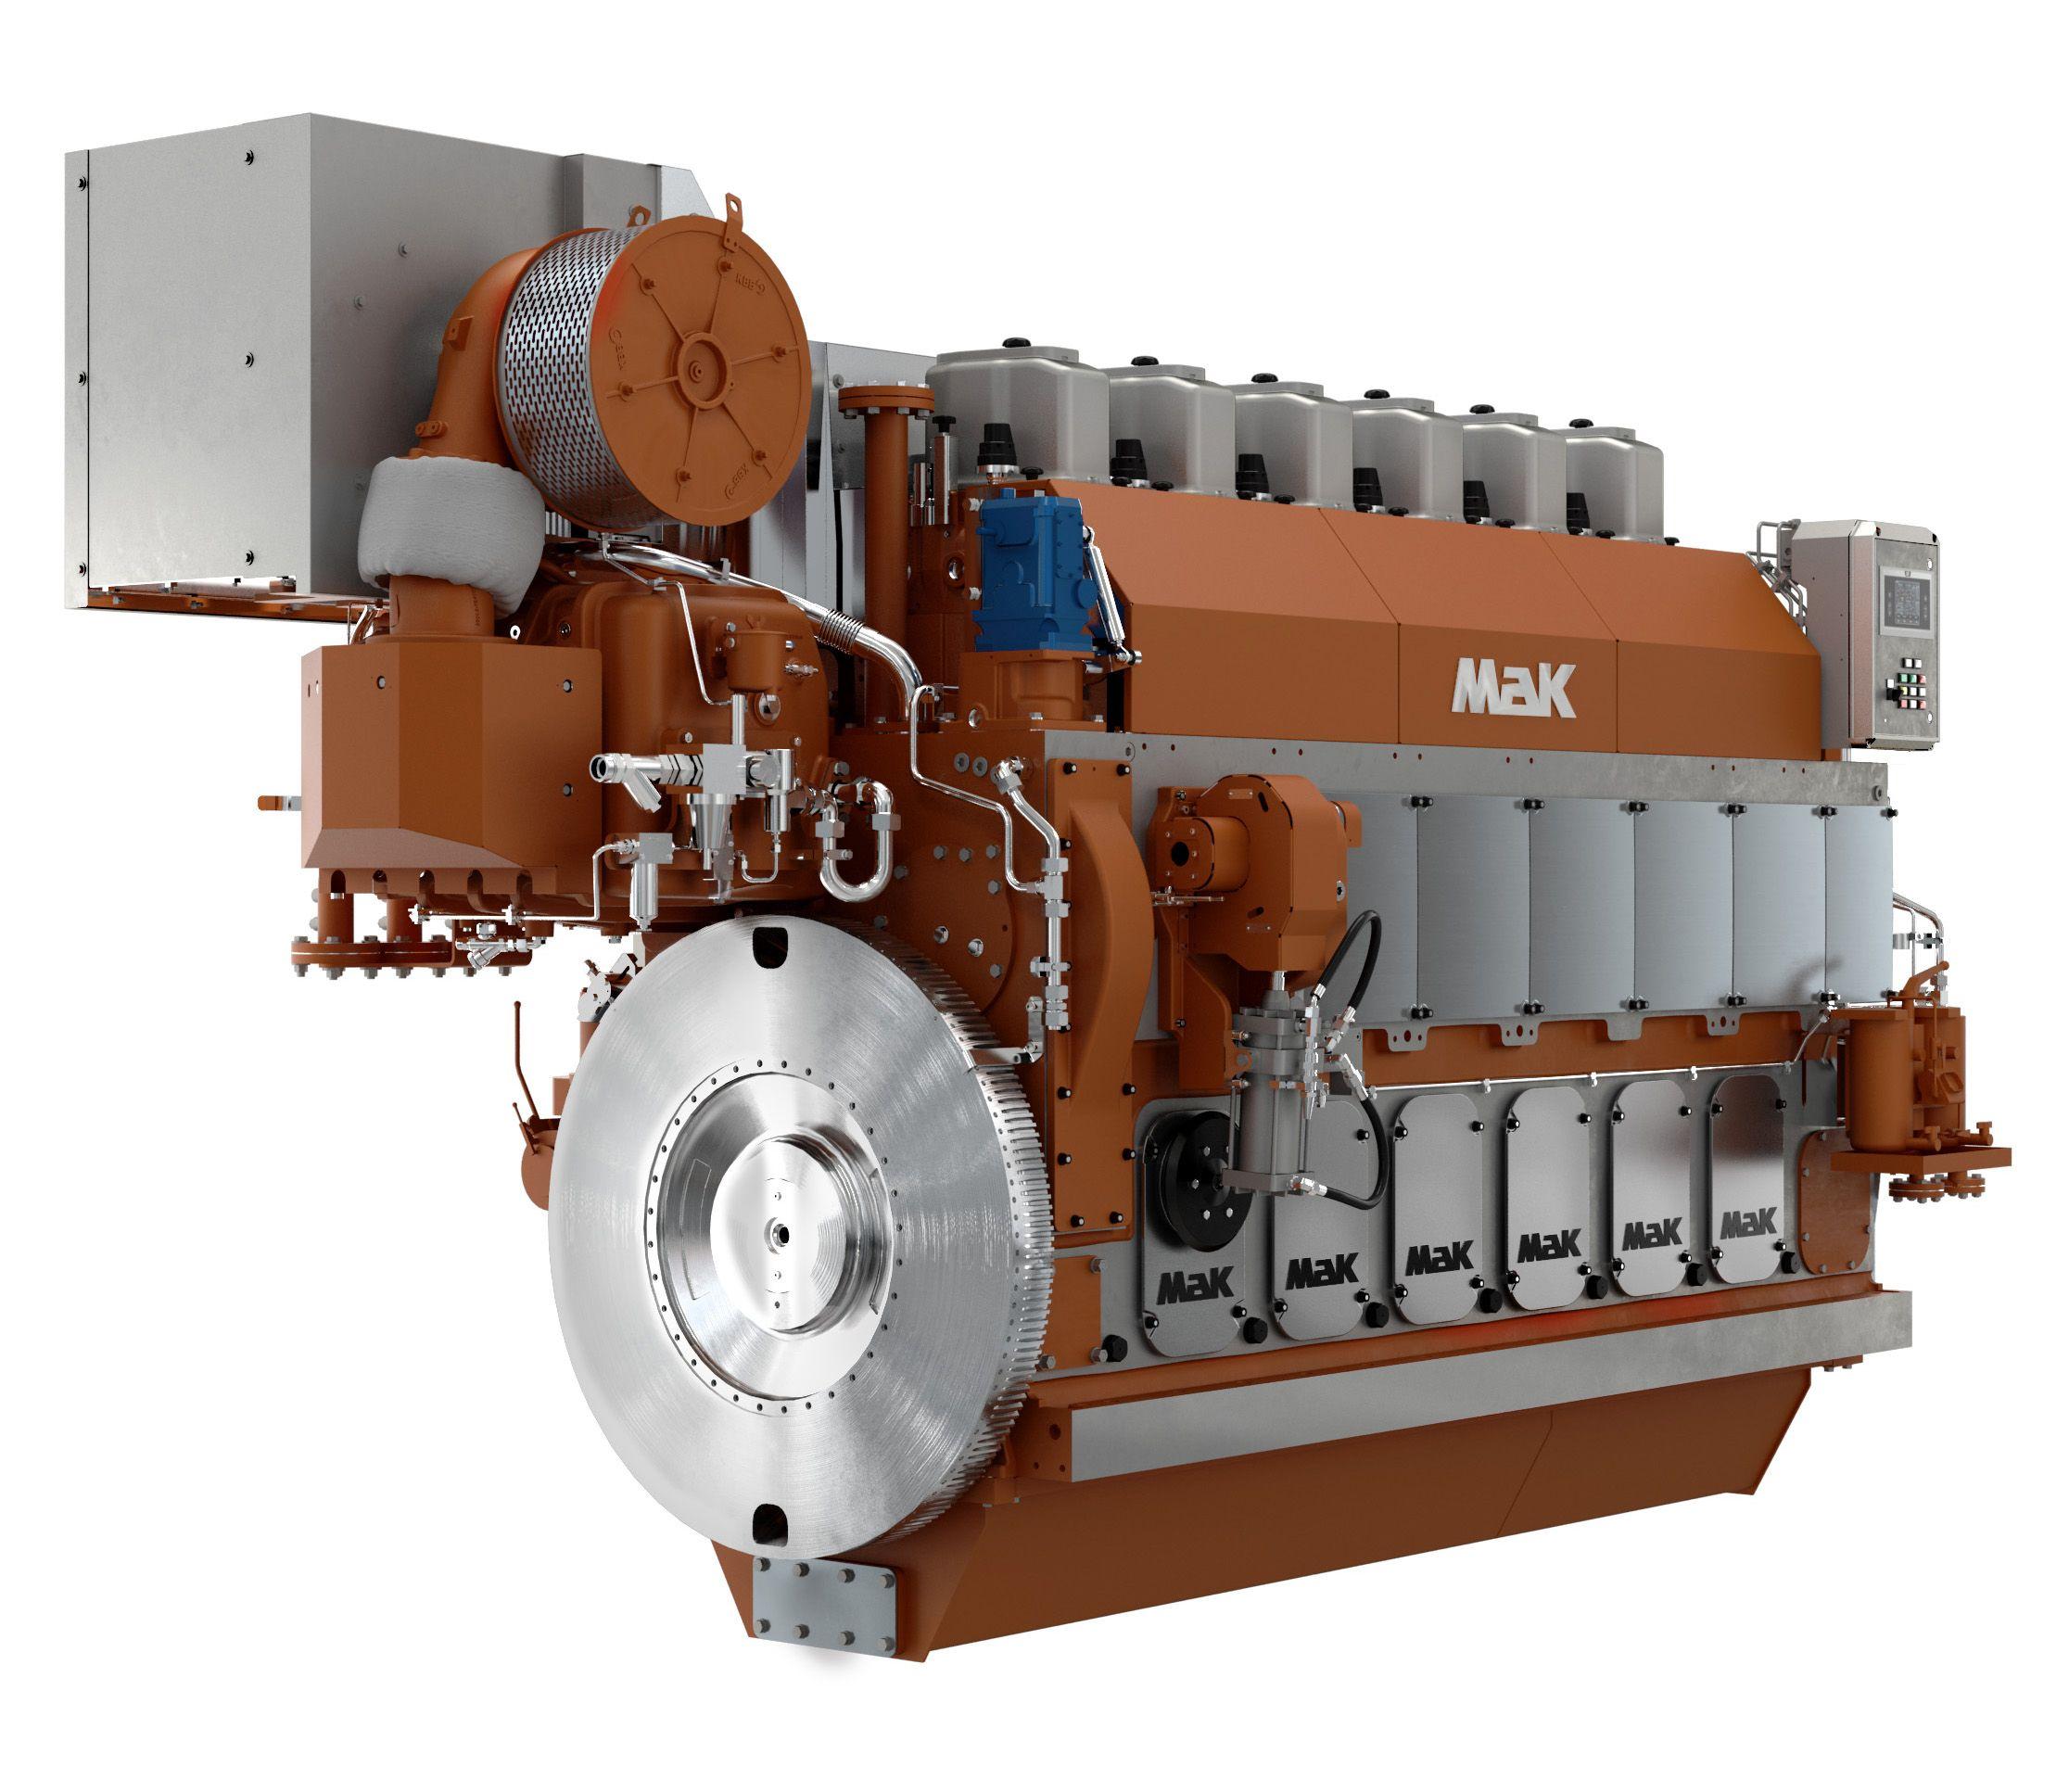 M 25 E Propulsion Engine